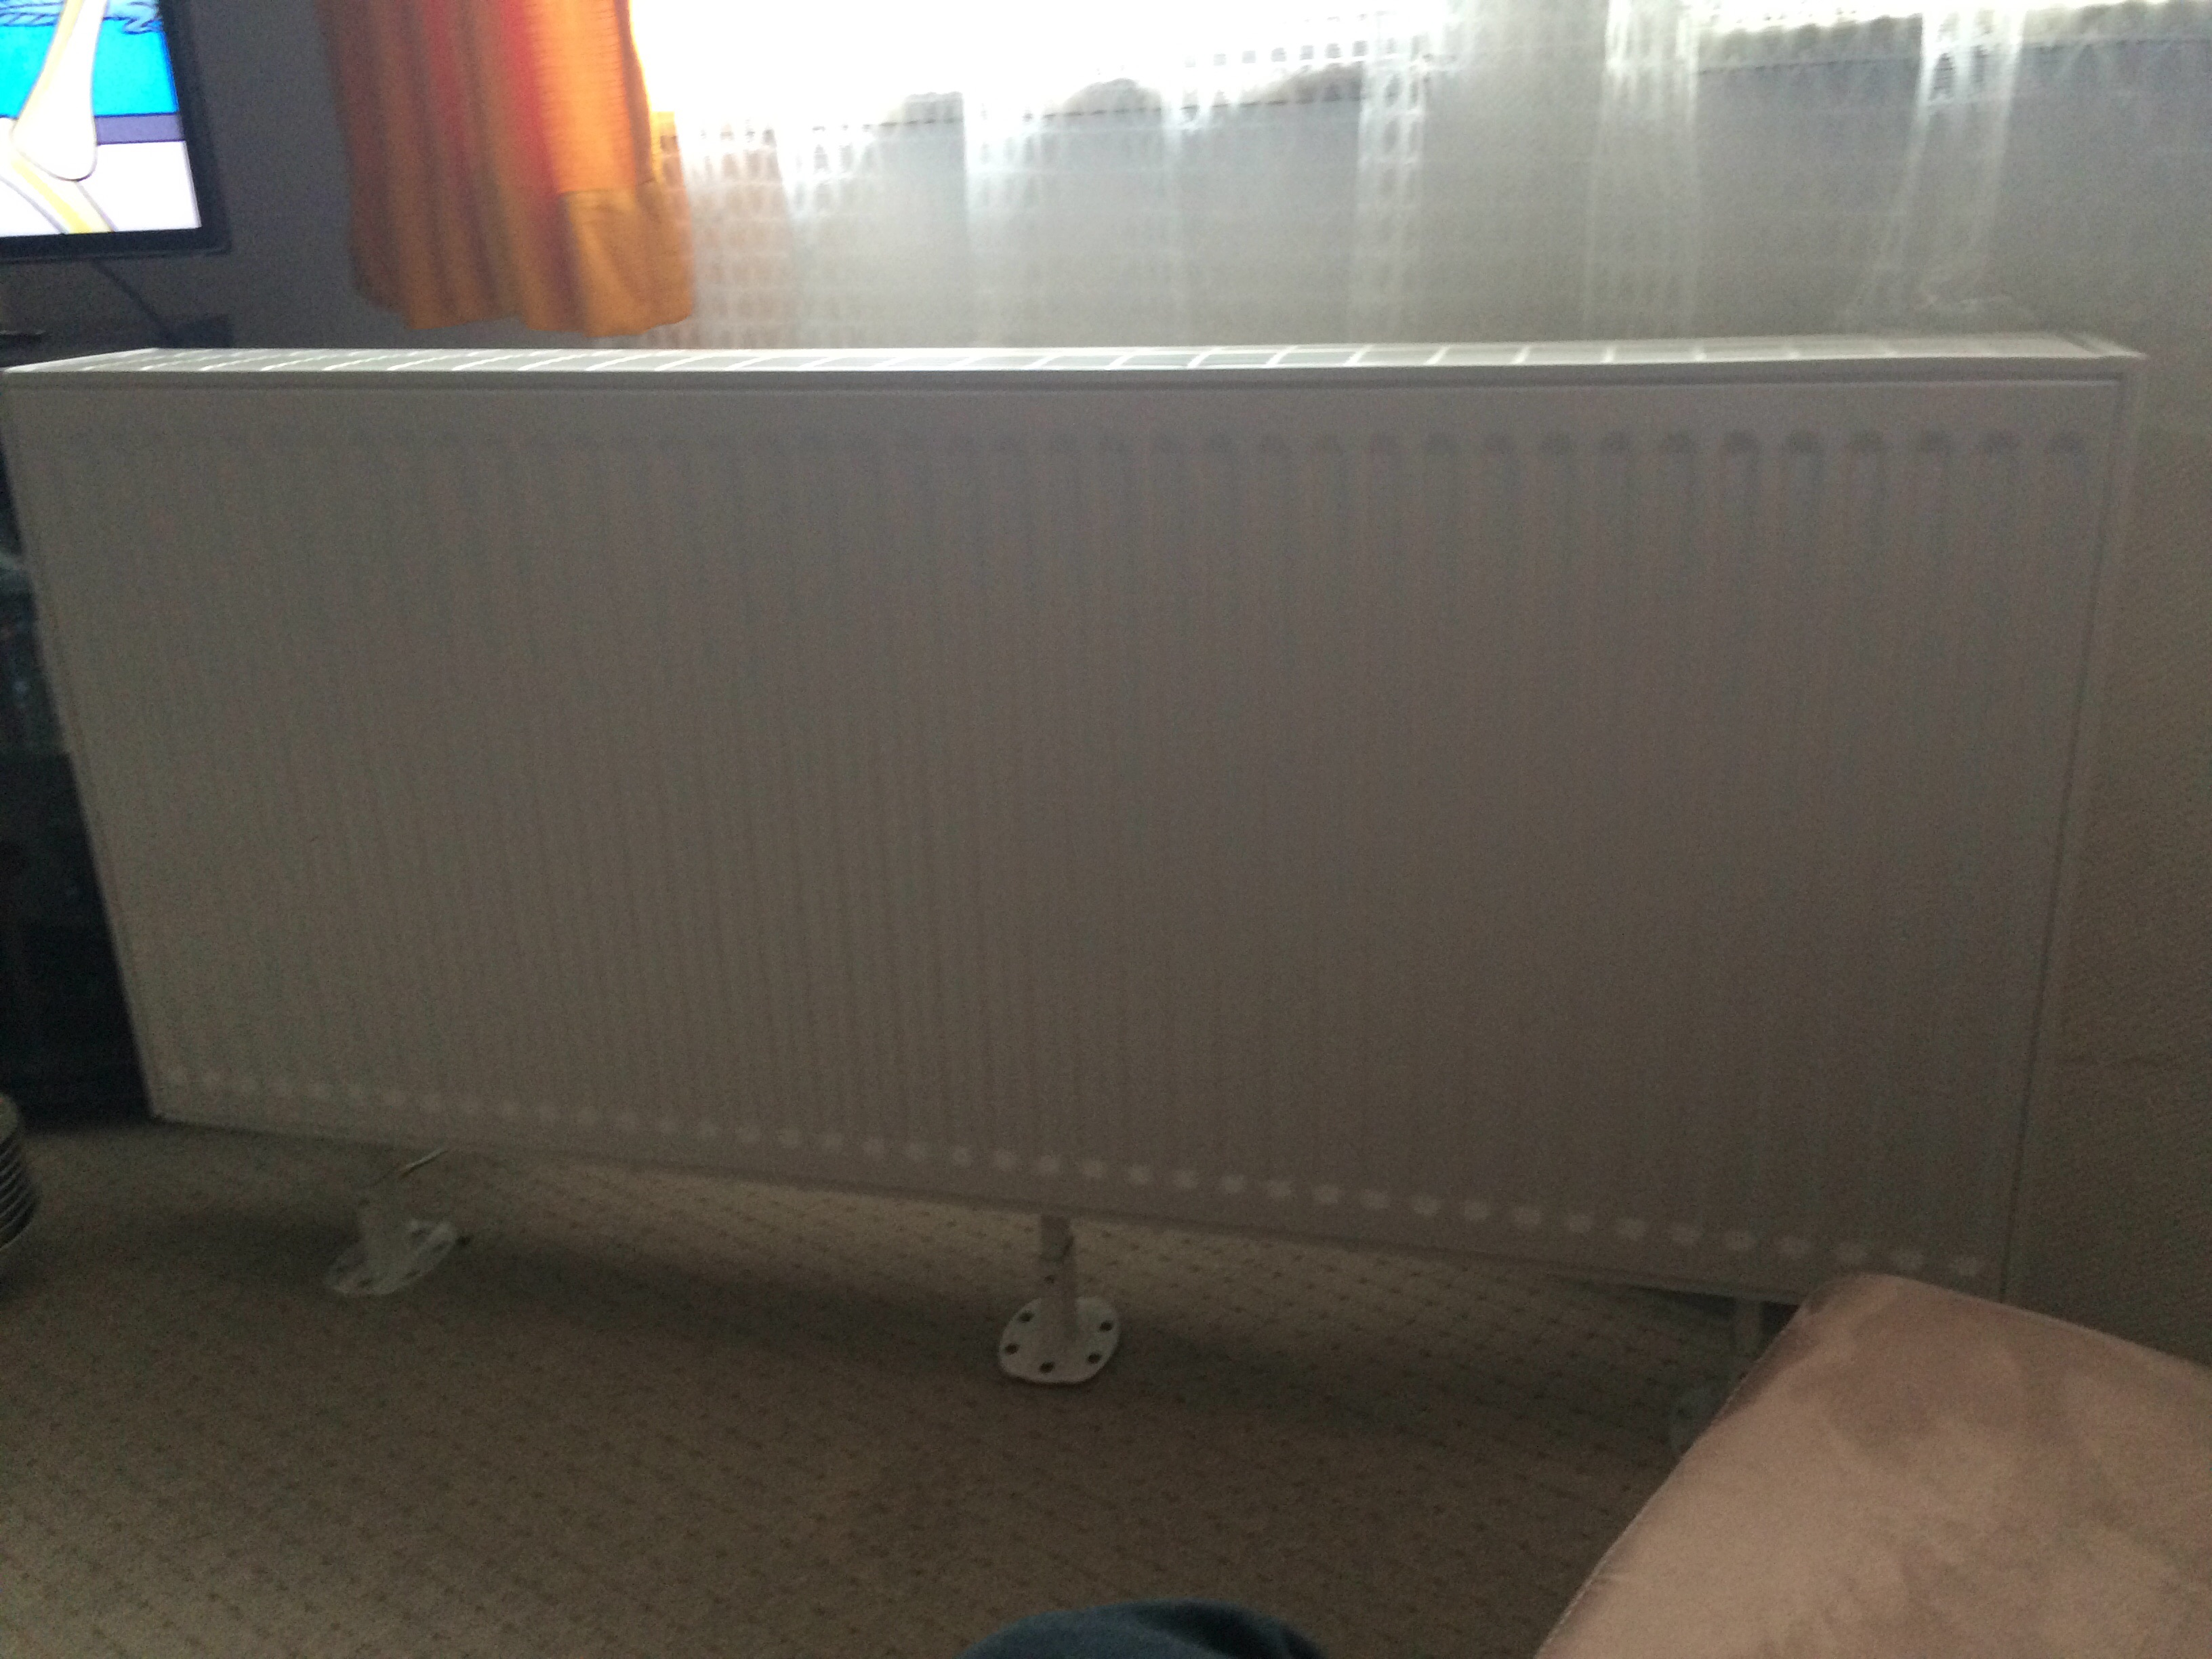 wieviel wiegt eine heizung gewicht. Black Bedroom Furniture Sets. Home Design Ideas